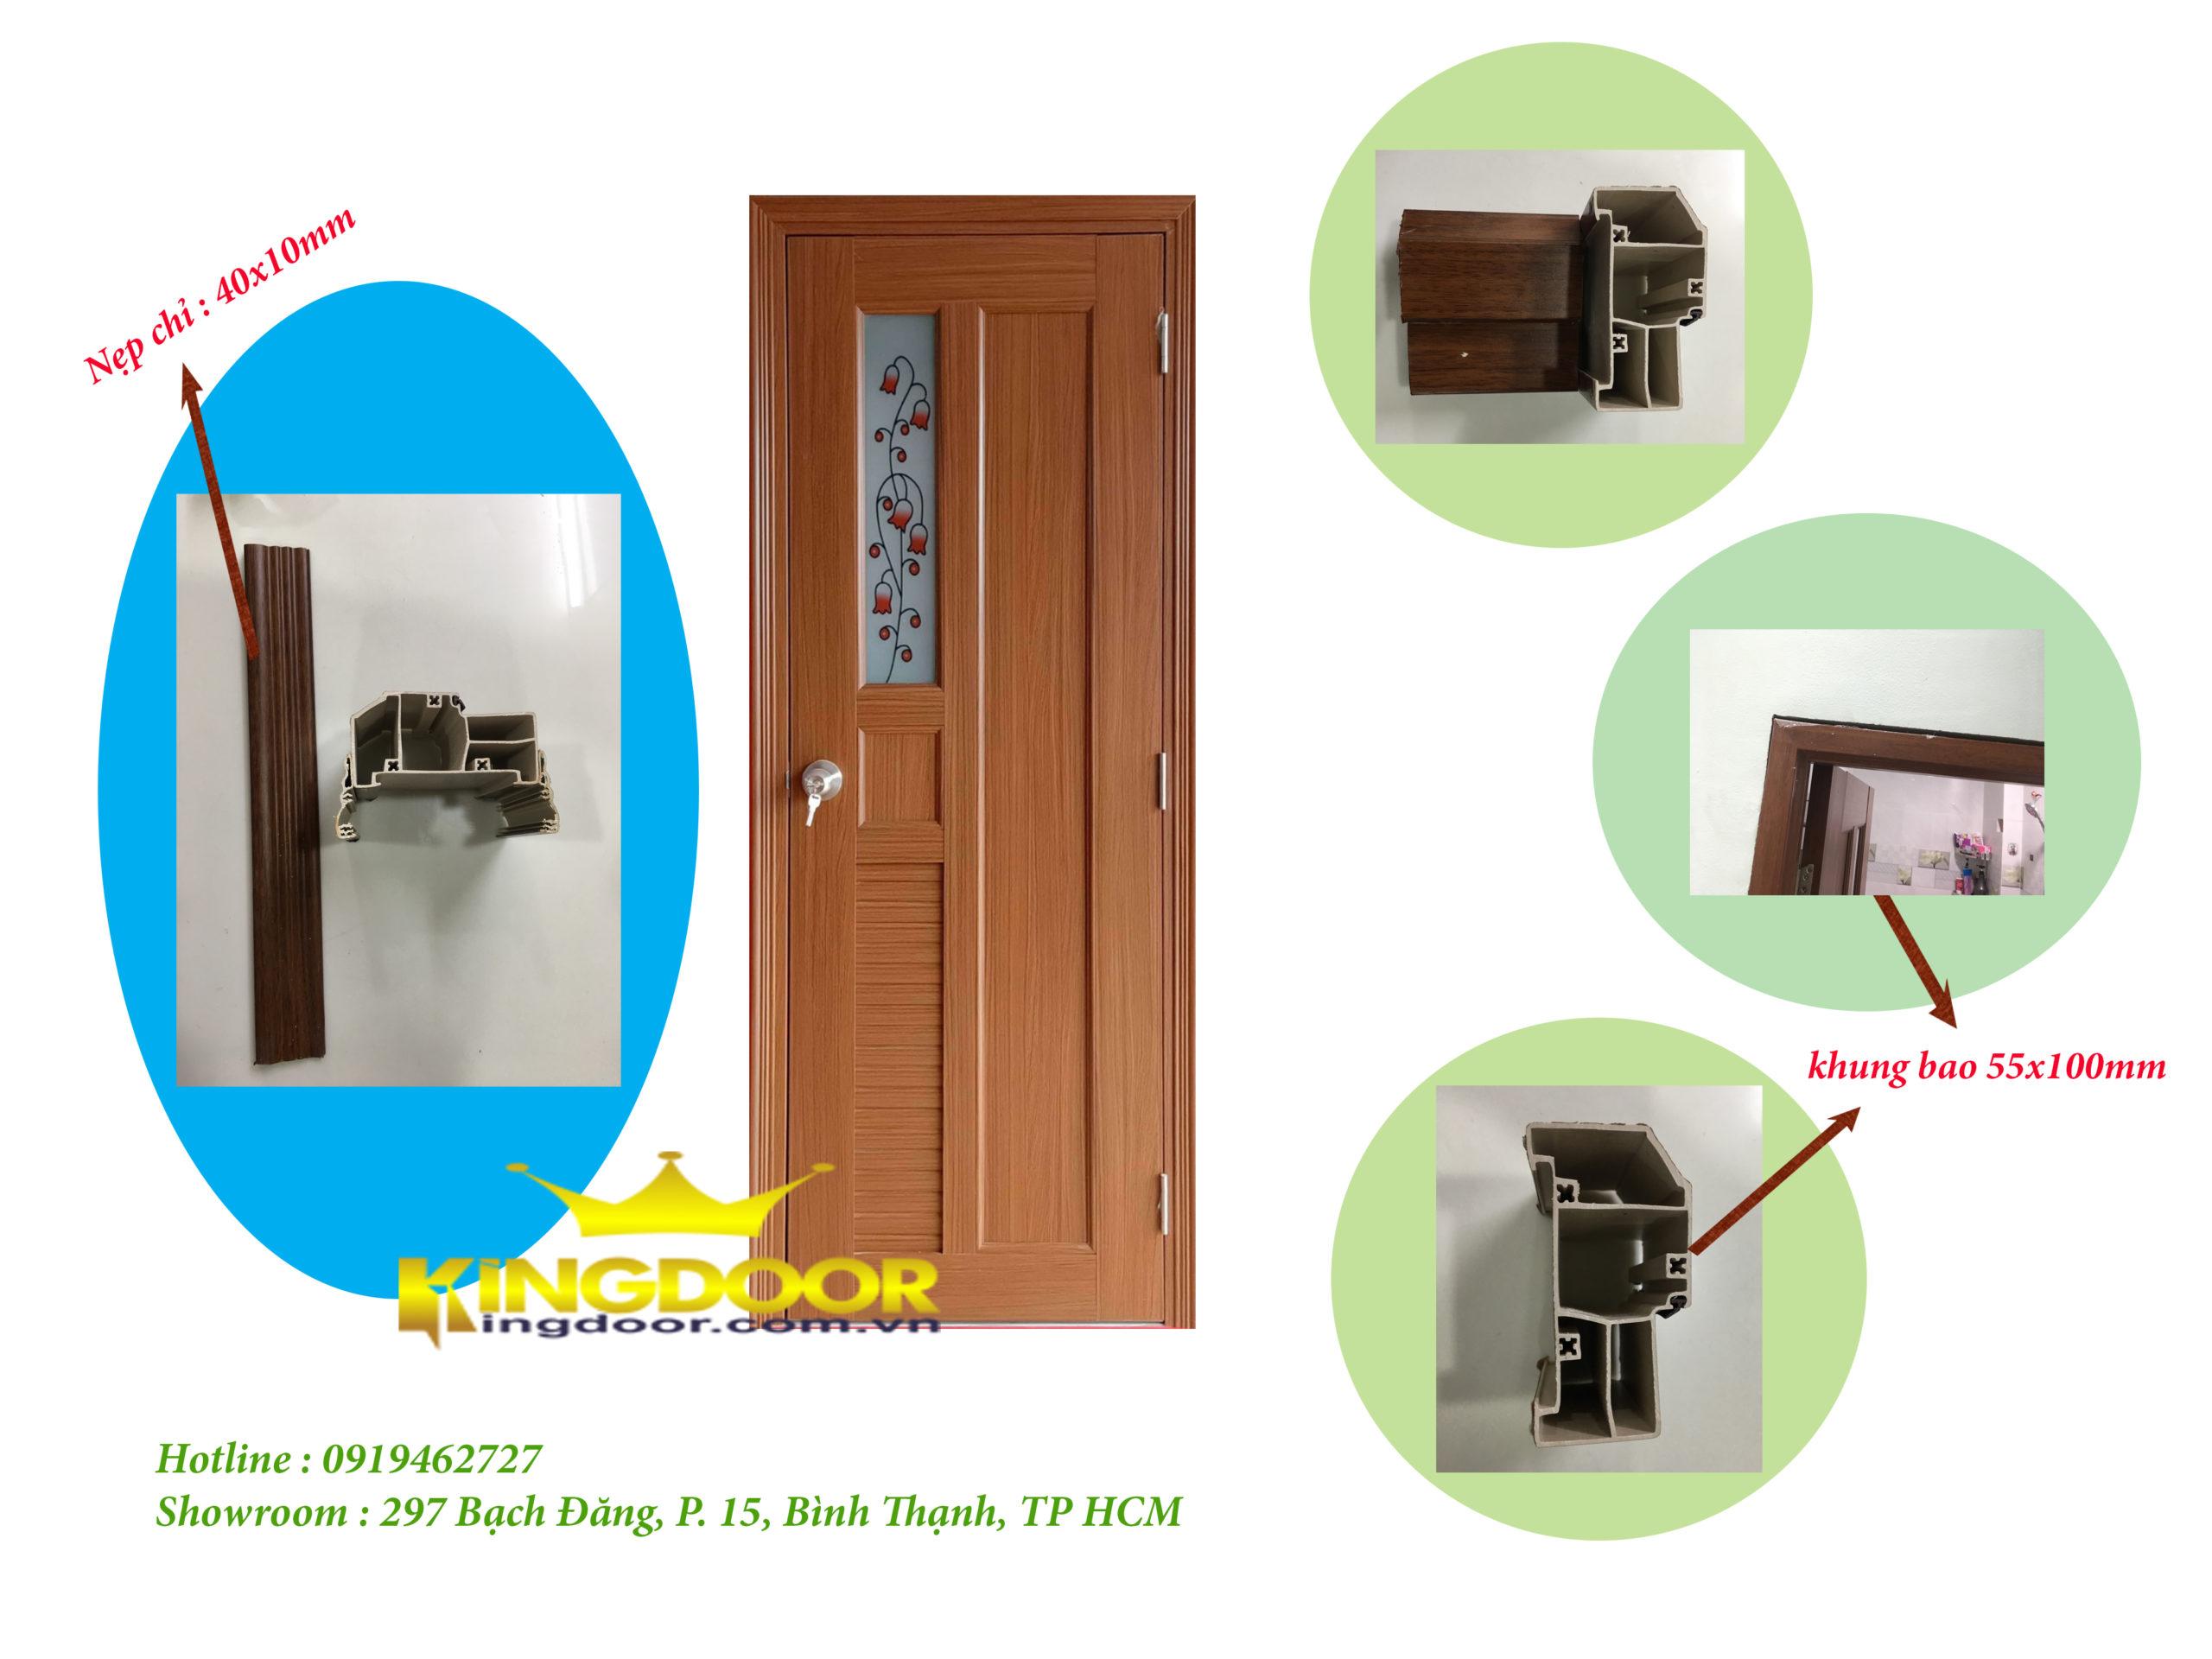 Cấu tạo cửa nhựa đài loan và khung bao nhựa PVC